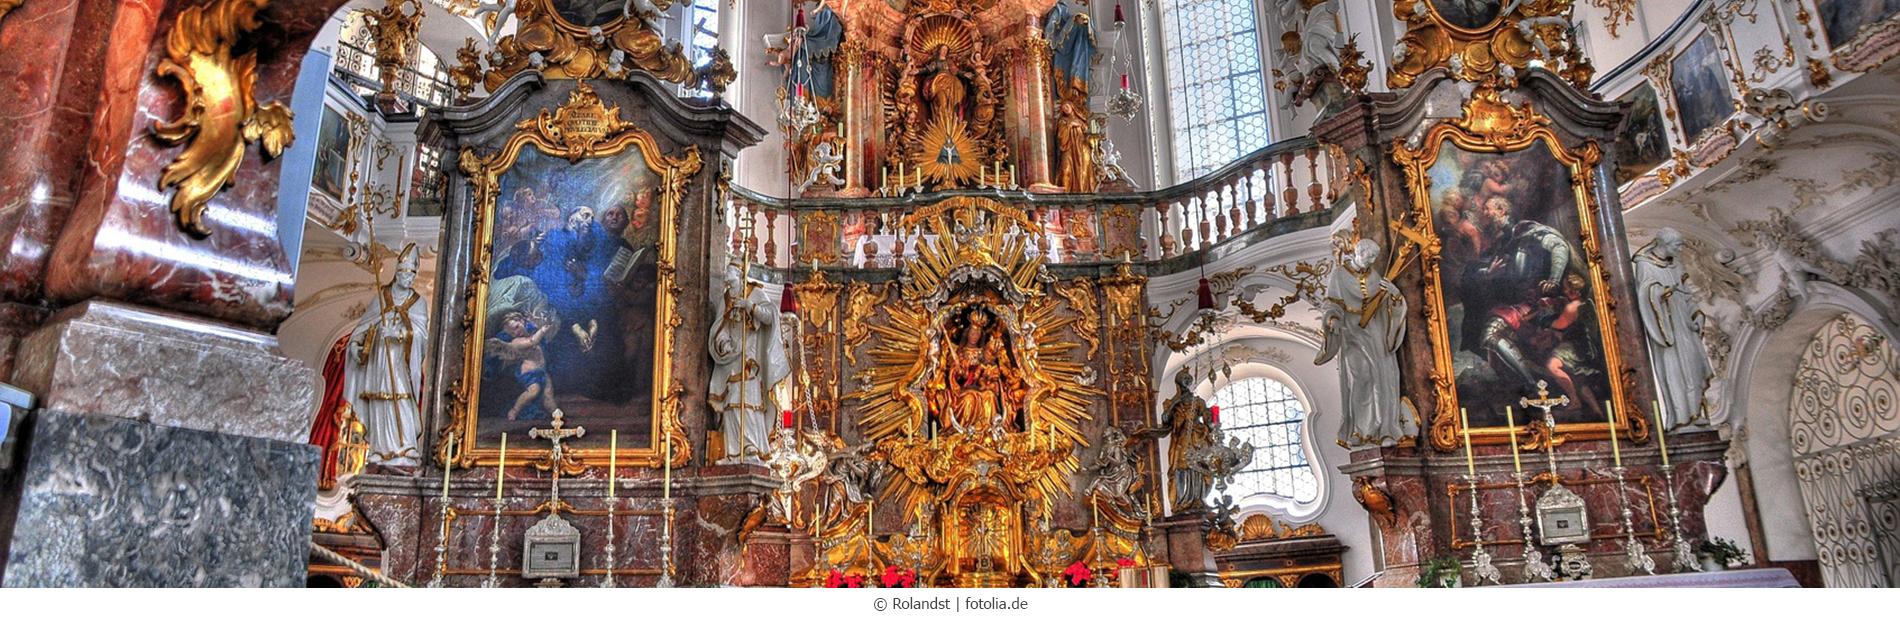 Kloster Weltenburg-Fotolia_webC